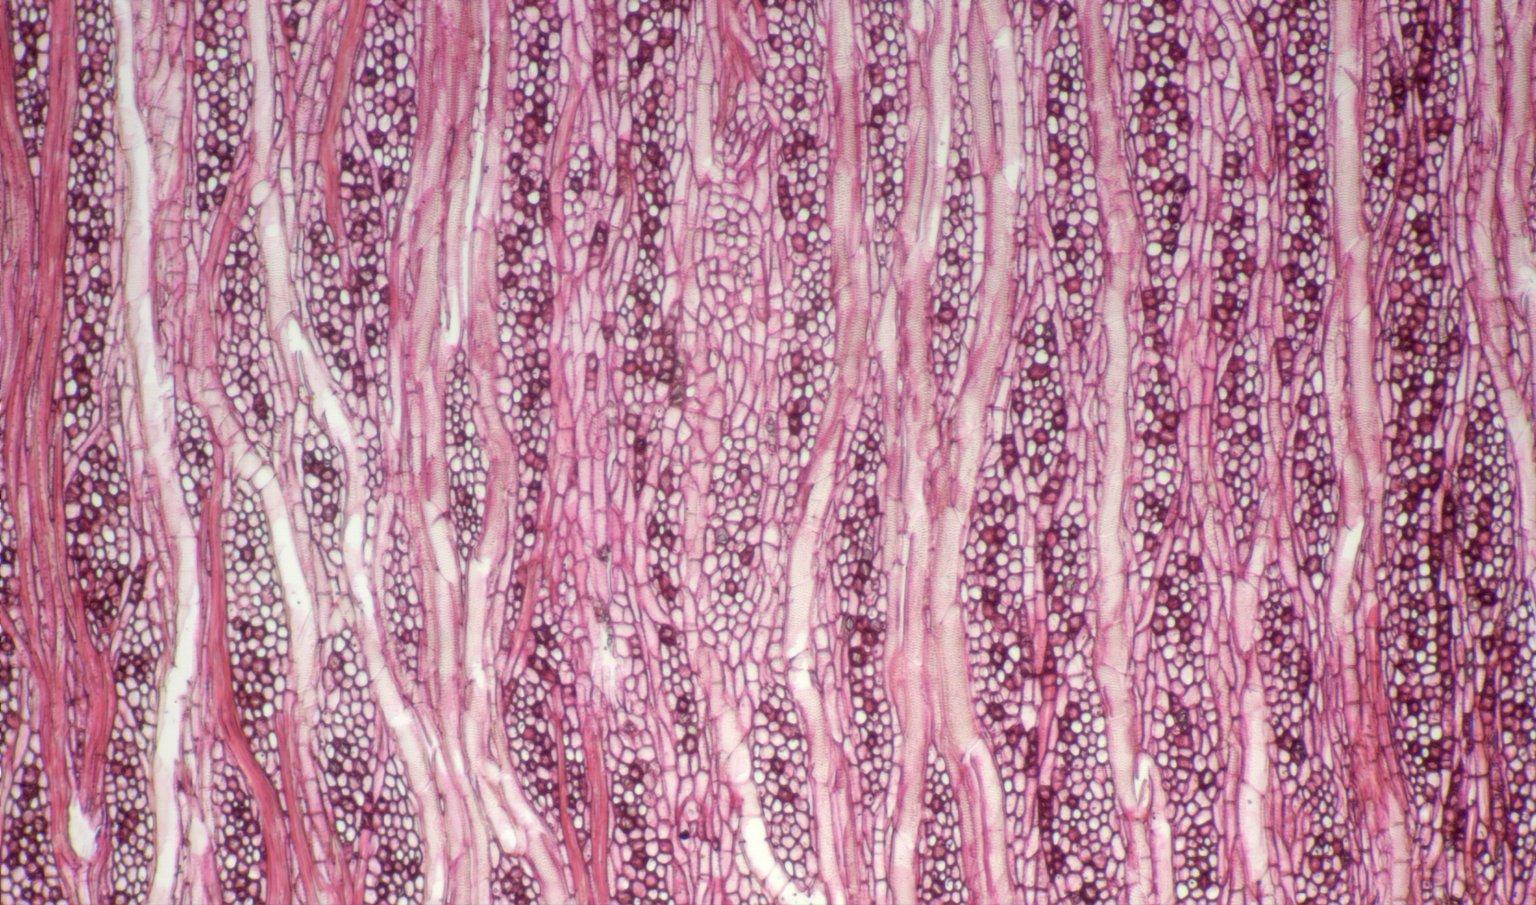 LOGANIACEAE Strychnos lucida